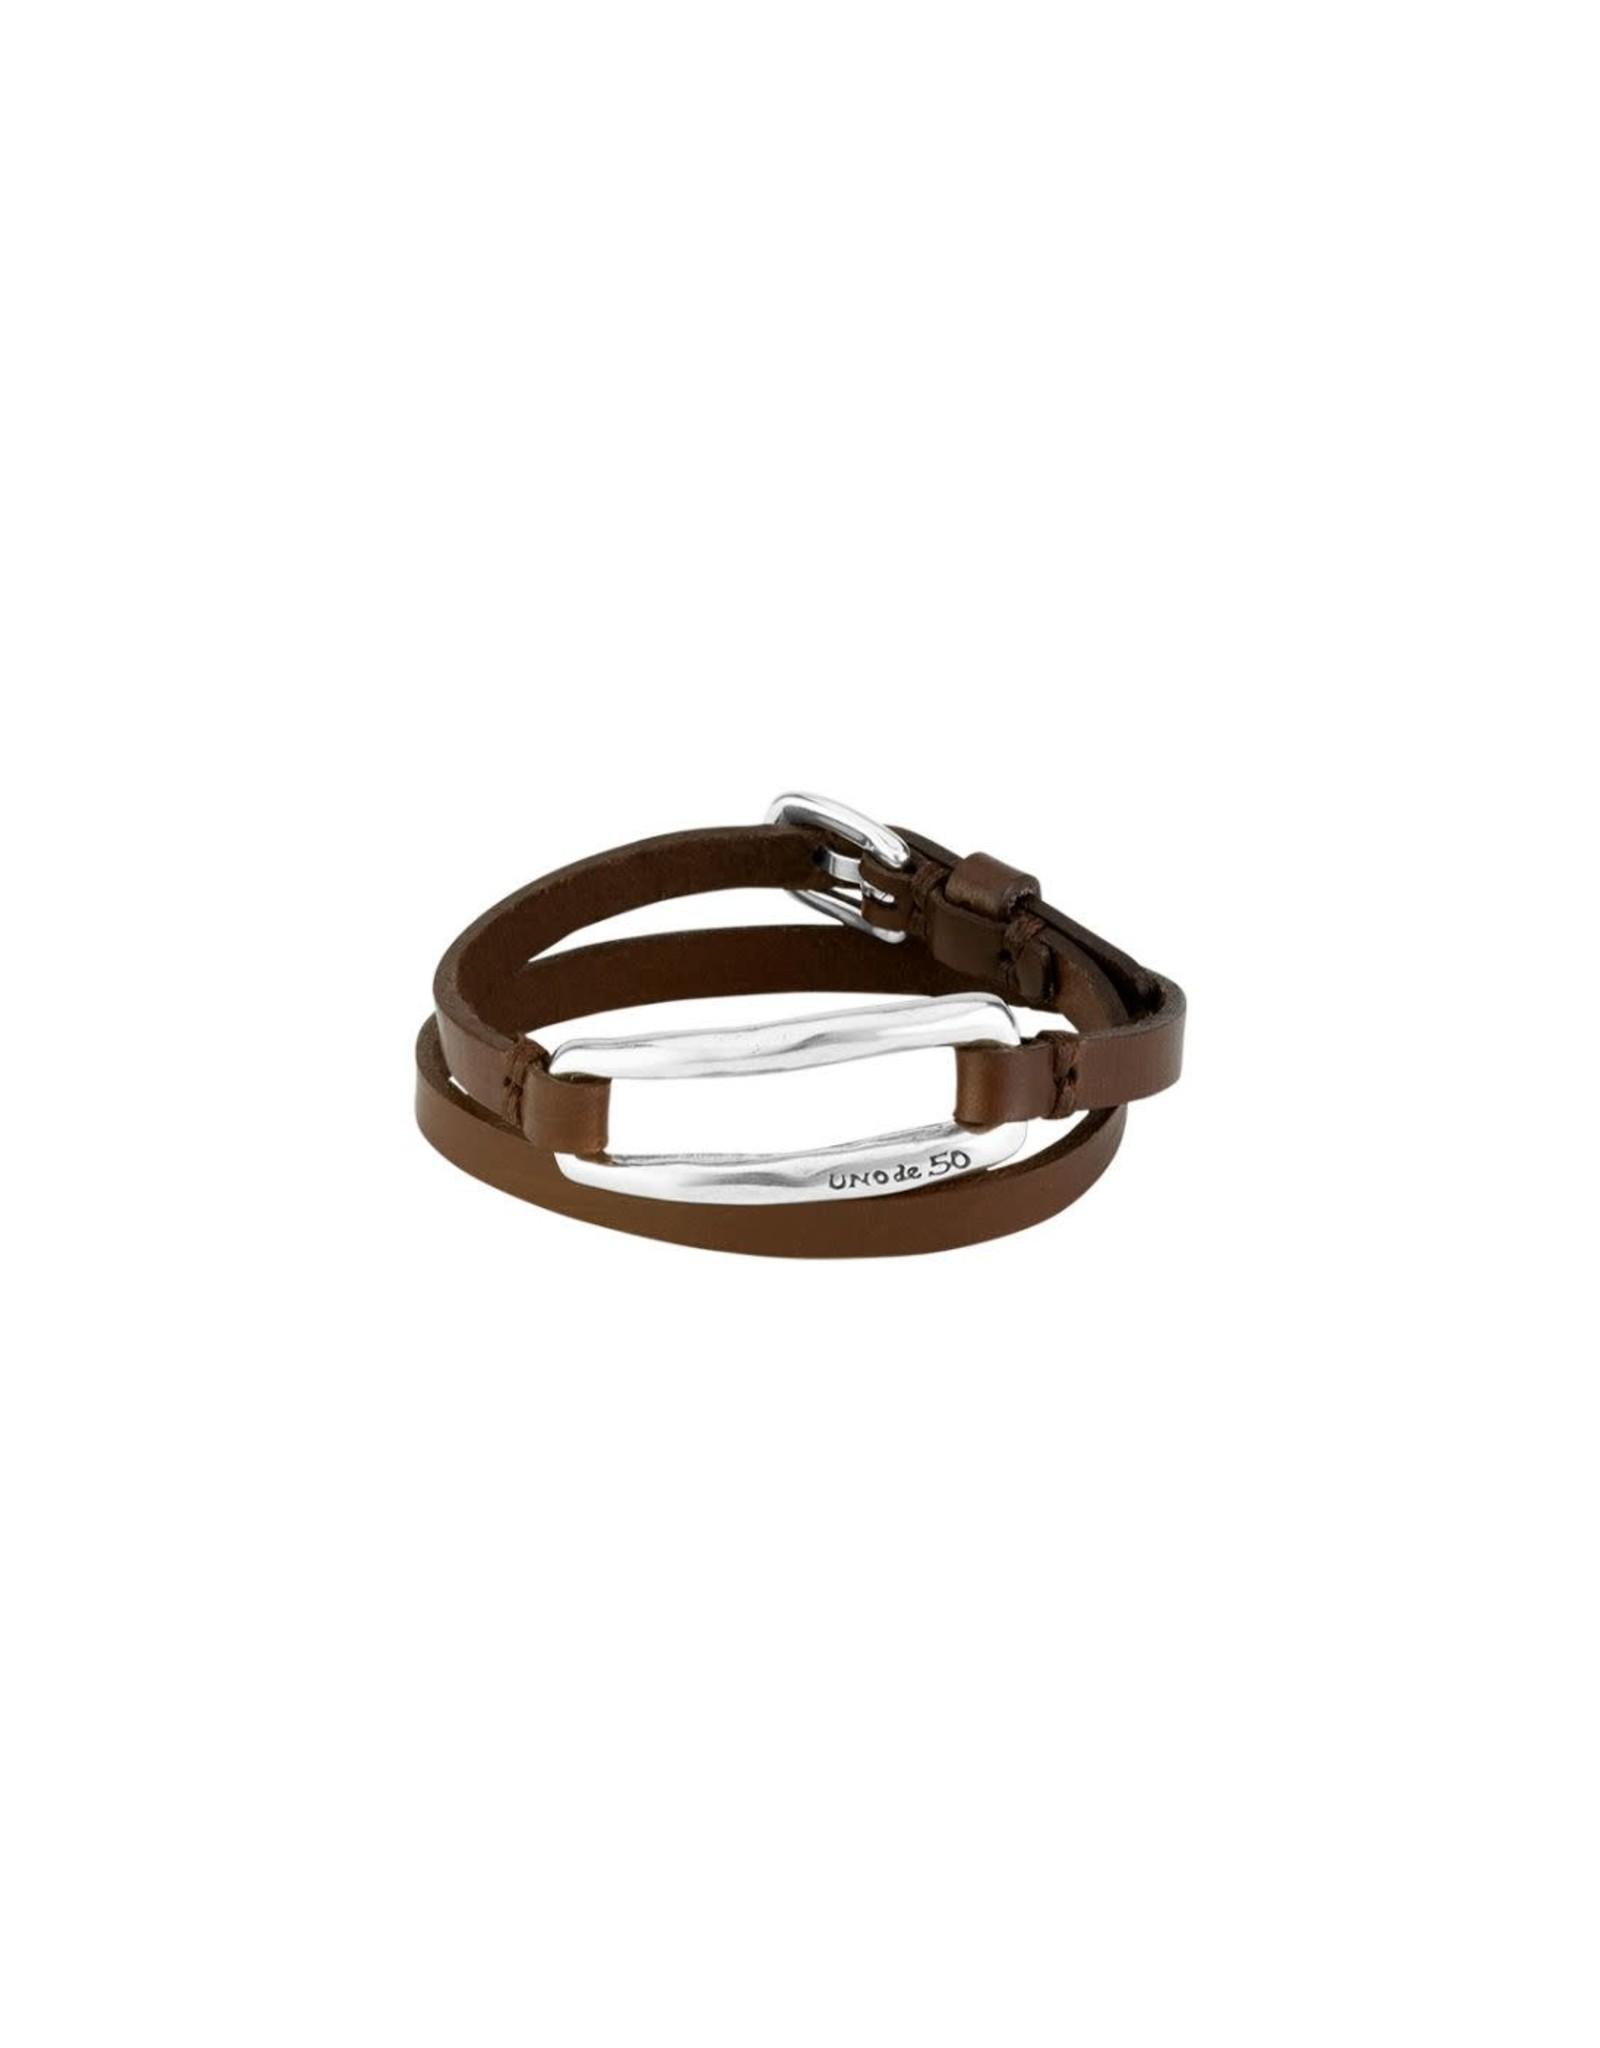 Uno de50 Double Trapped Bracelet